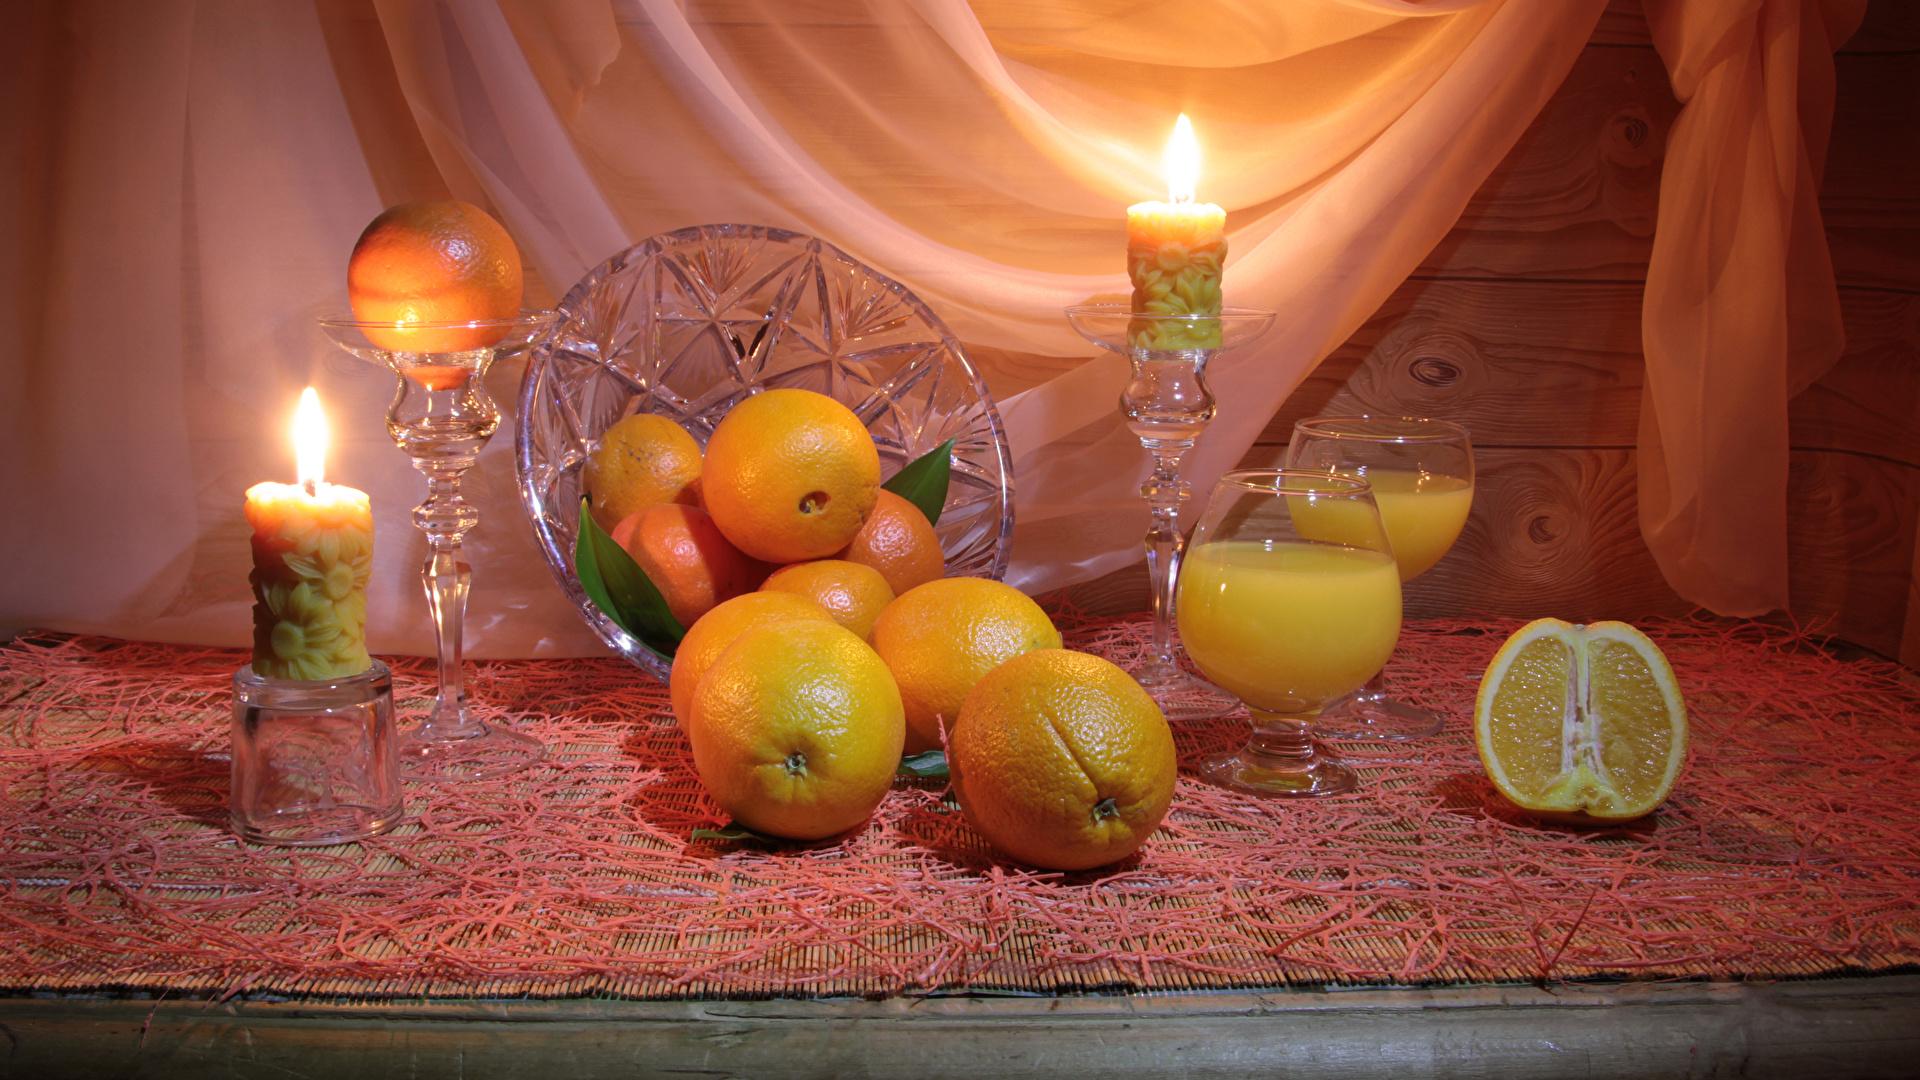 Фотографии Апельсин Еда Свечи Натюрморт Цитрусовые 1920x1080 Пища Продукты питания